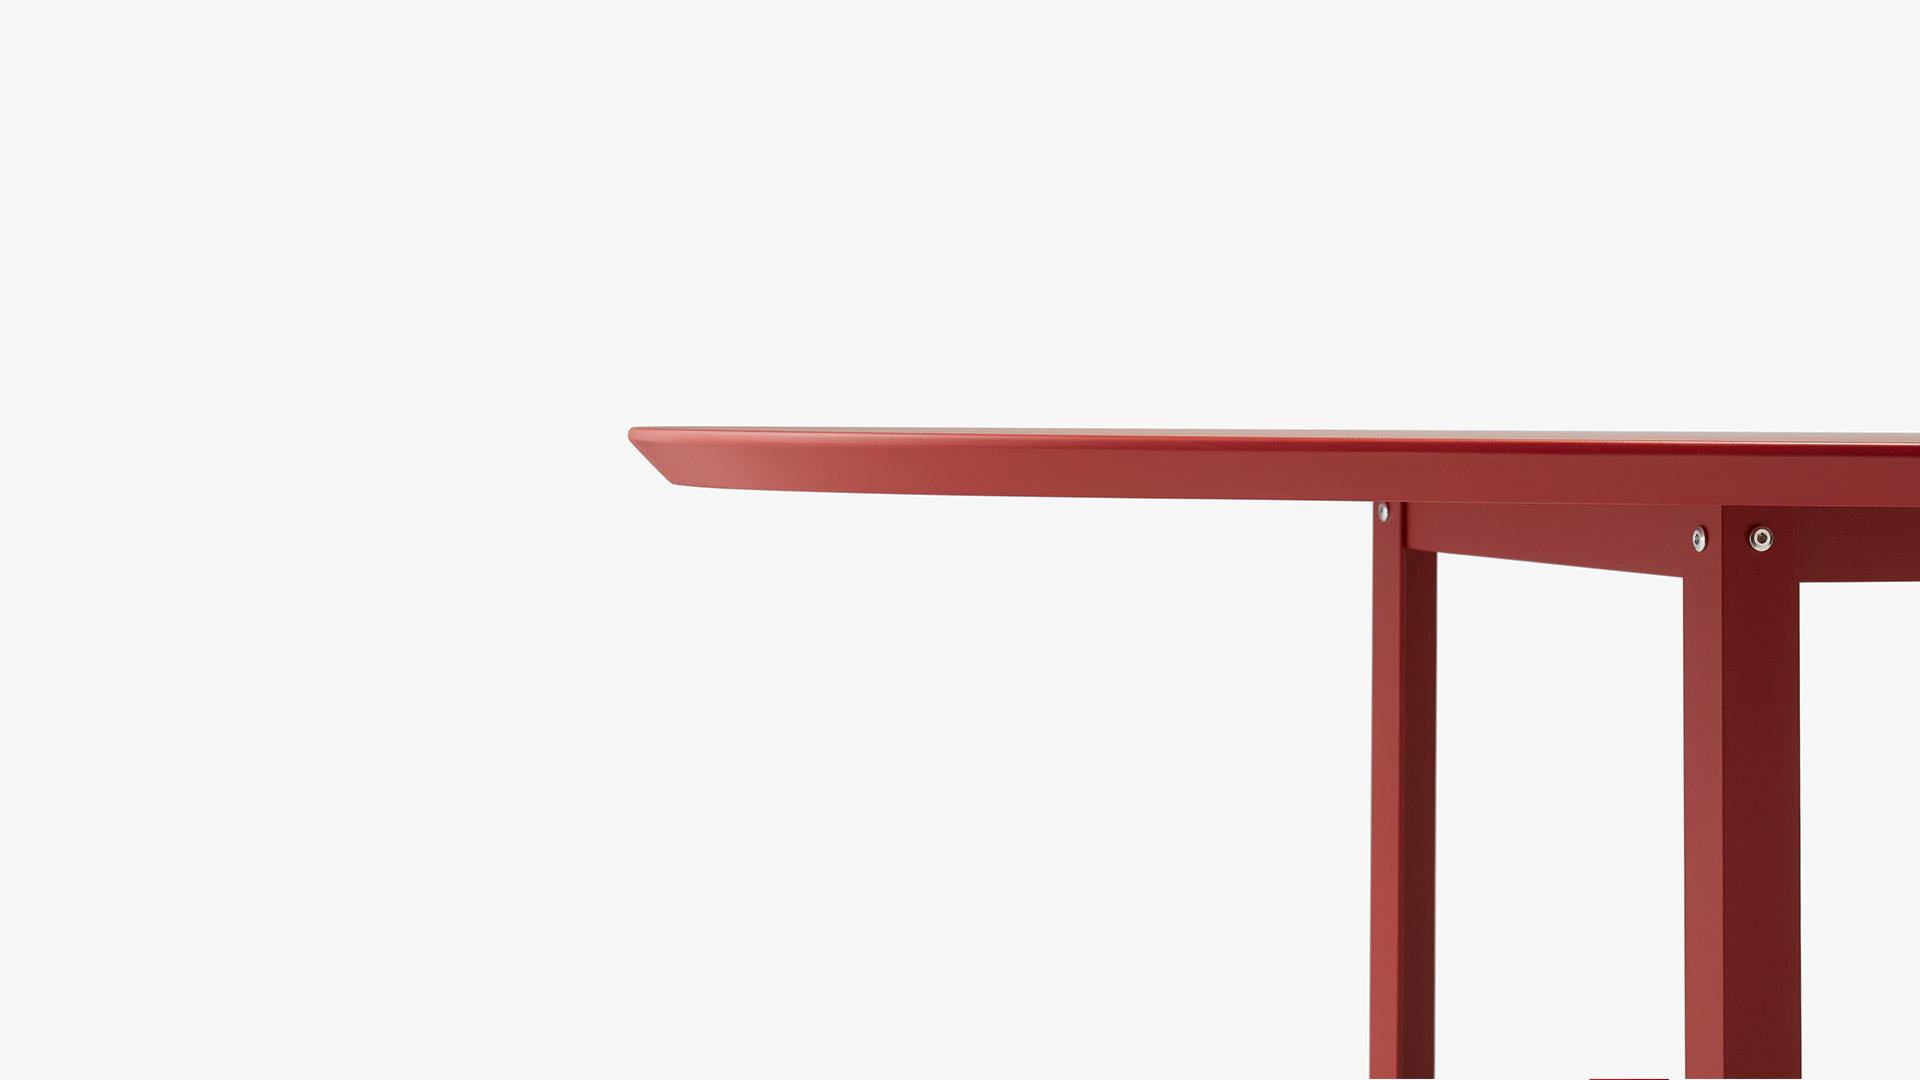 45°瓷盤桌緣<br/>手觸溫柔,順滑挪動